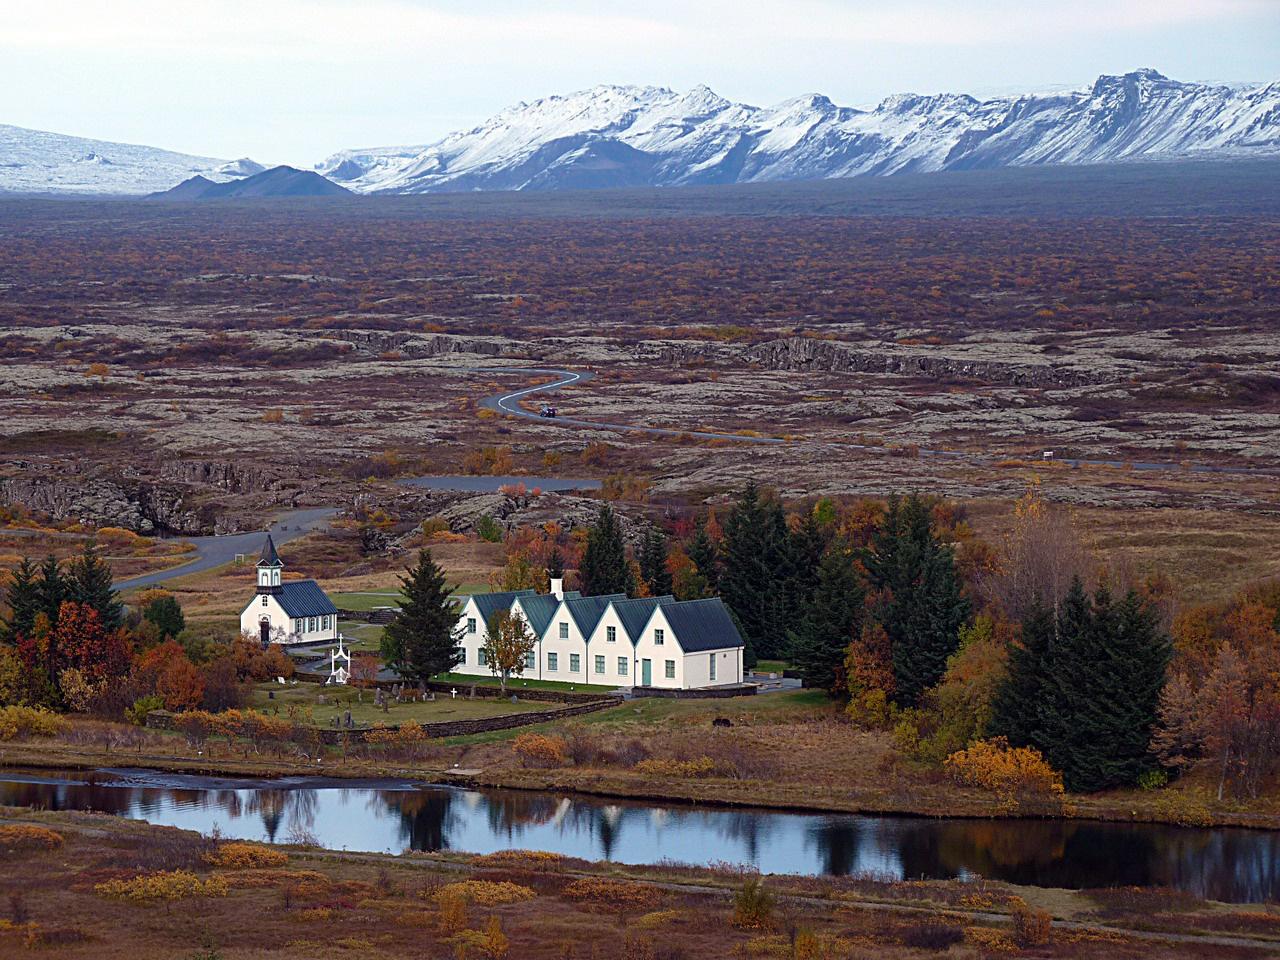 Amerikából átnézünk Európába. Izland nyugati részén átszeli az a törésvonal, amely az Atlanti-óceán alatt húzódó két kéreglemez egymástól való távolodása következtében jött létre. Maga a sziget is ennek köszönheti a létezését: a törésvonal e szakaszán felbugyogott a mélyből a láva, kiformálva Izlandot. A szigeten több mint ezer vulkáni kráter található, huszonhat vulkán ma is aktív. Pár éve az Eyjafjallajökull kitörése hetekre megbénította Európa légiforgalmát